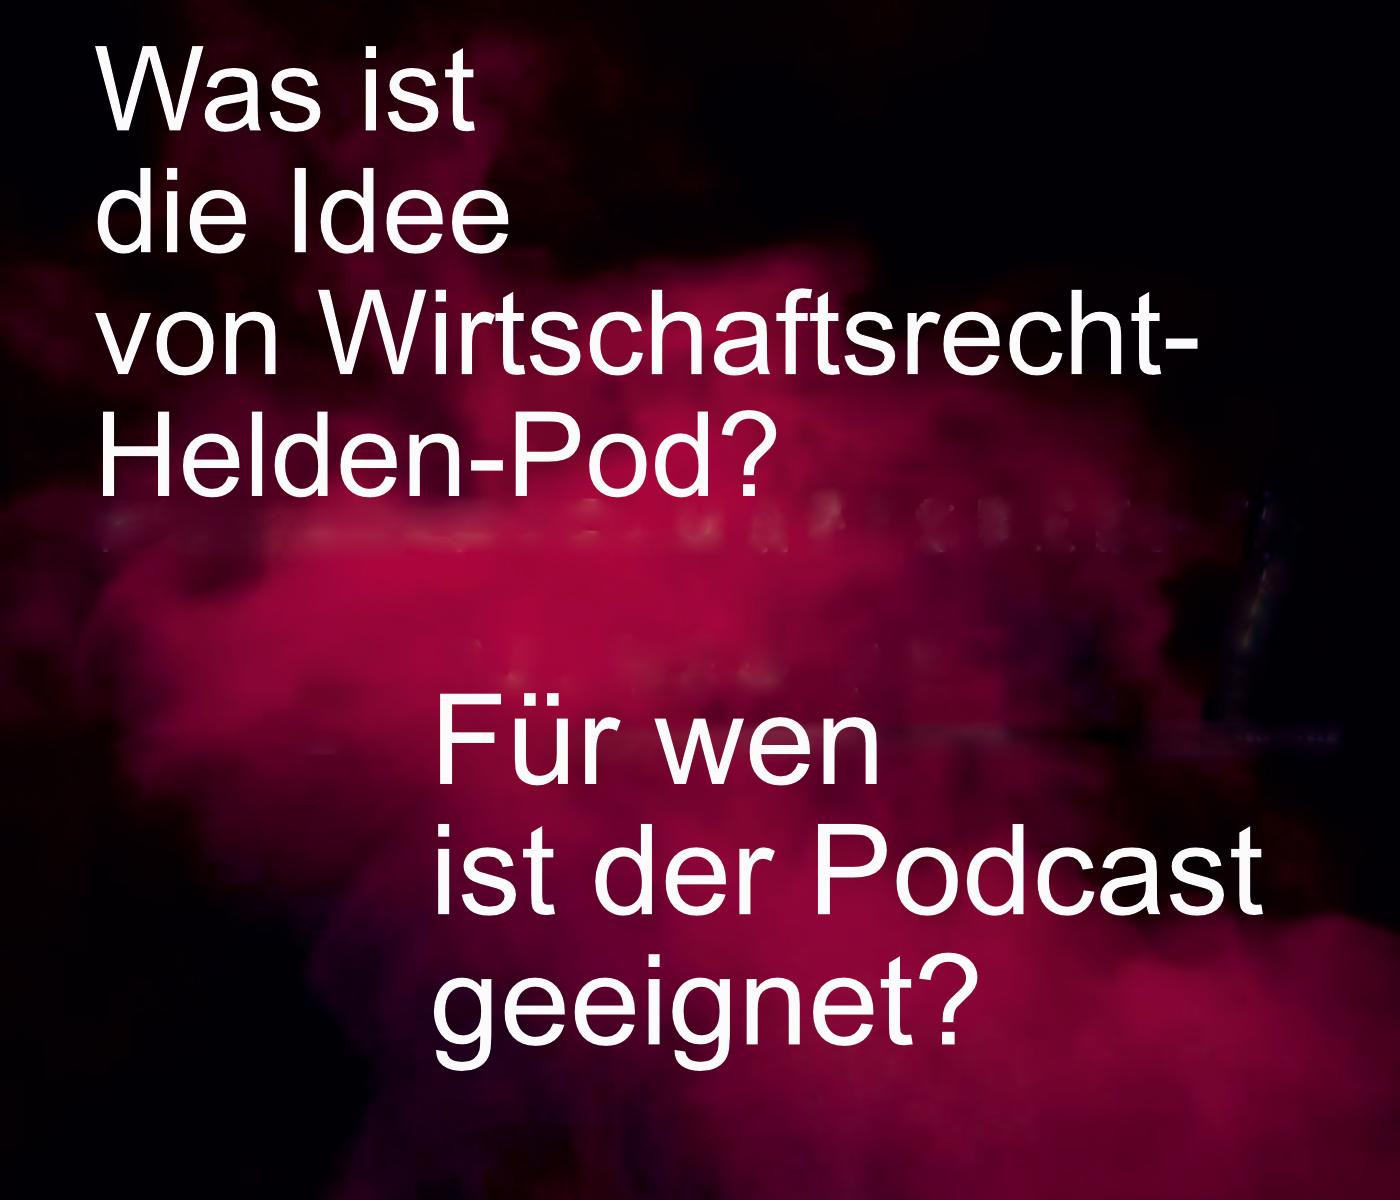 Bild der nullten Episode des Podcast Wirtschaftsrecht-Helden-Pod bzw. des Einführungsblogs auf www.wirtschaftsrecht-helden.de; Was ist die Idee von Wirtschaftsrecht-Helden-Pod? Für wen ist der Podcast geeignet?